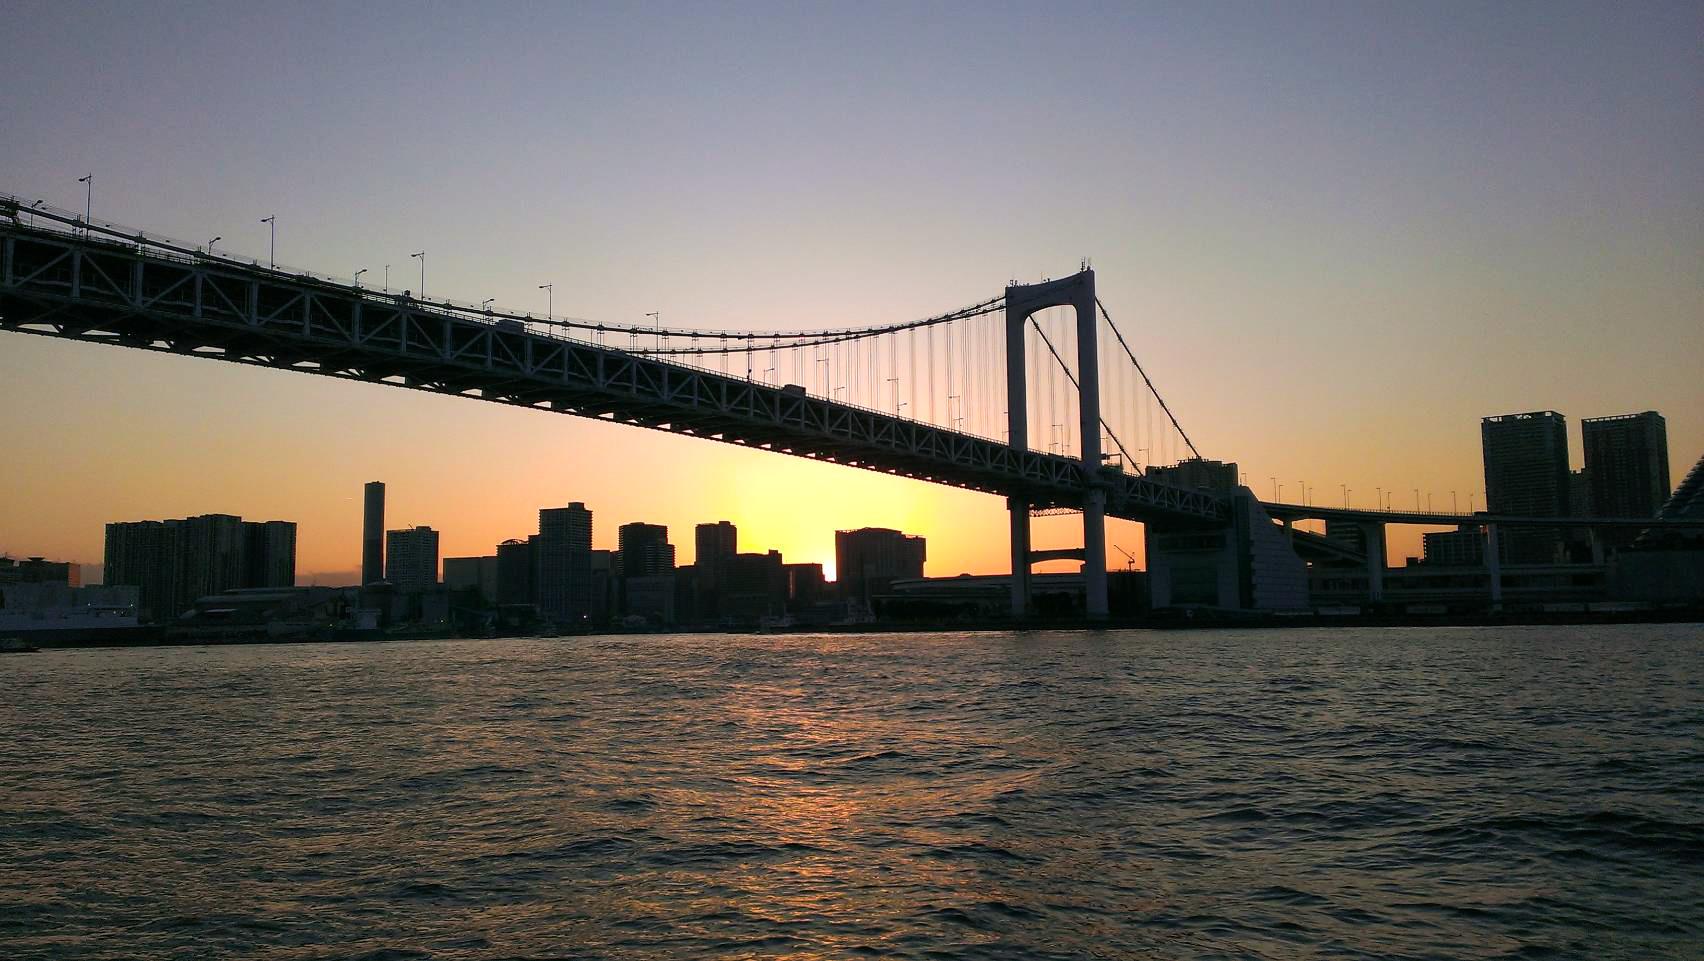 レインボーブリッジコース【海】